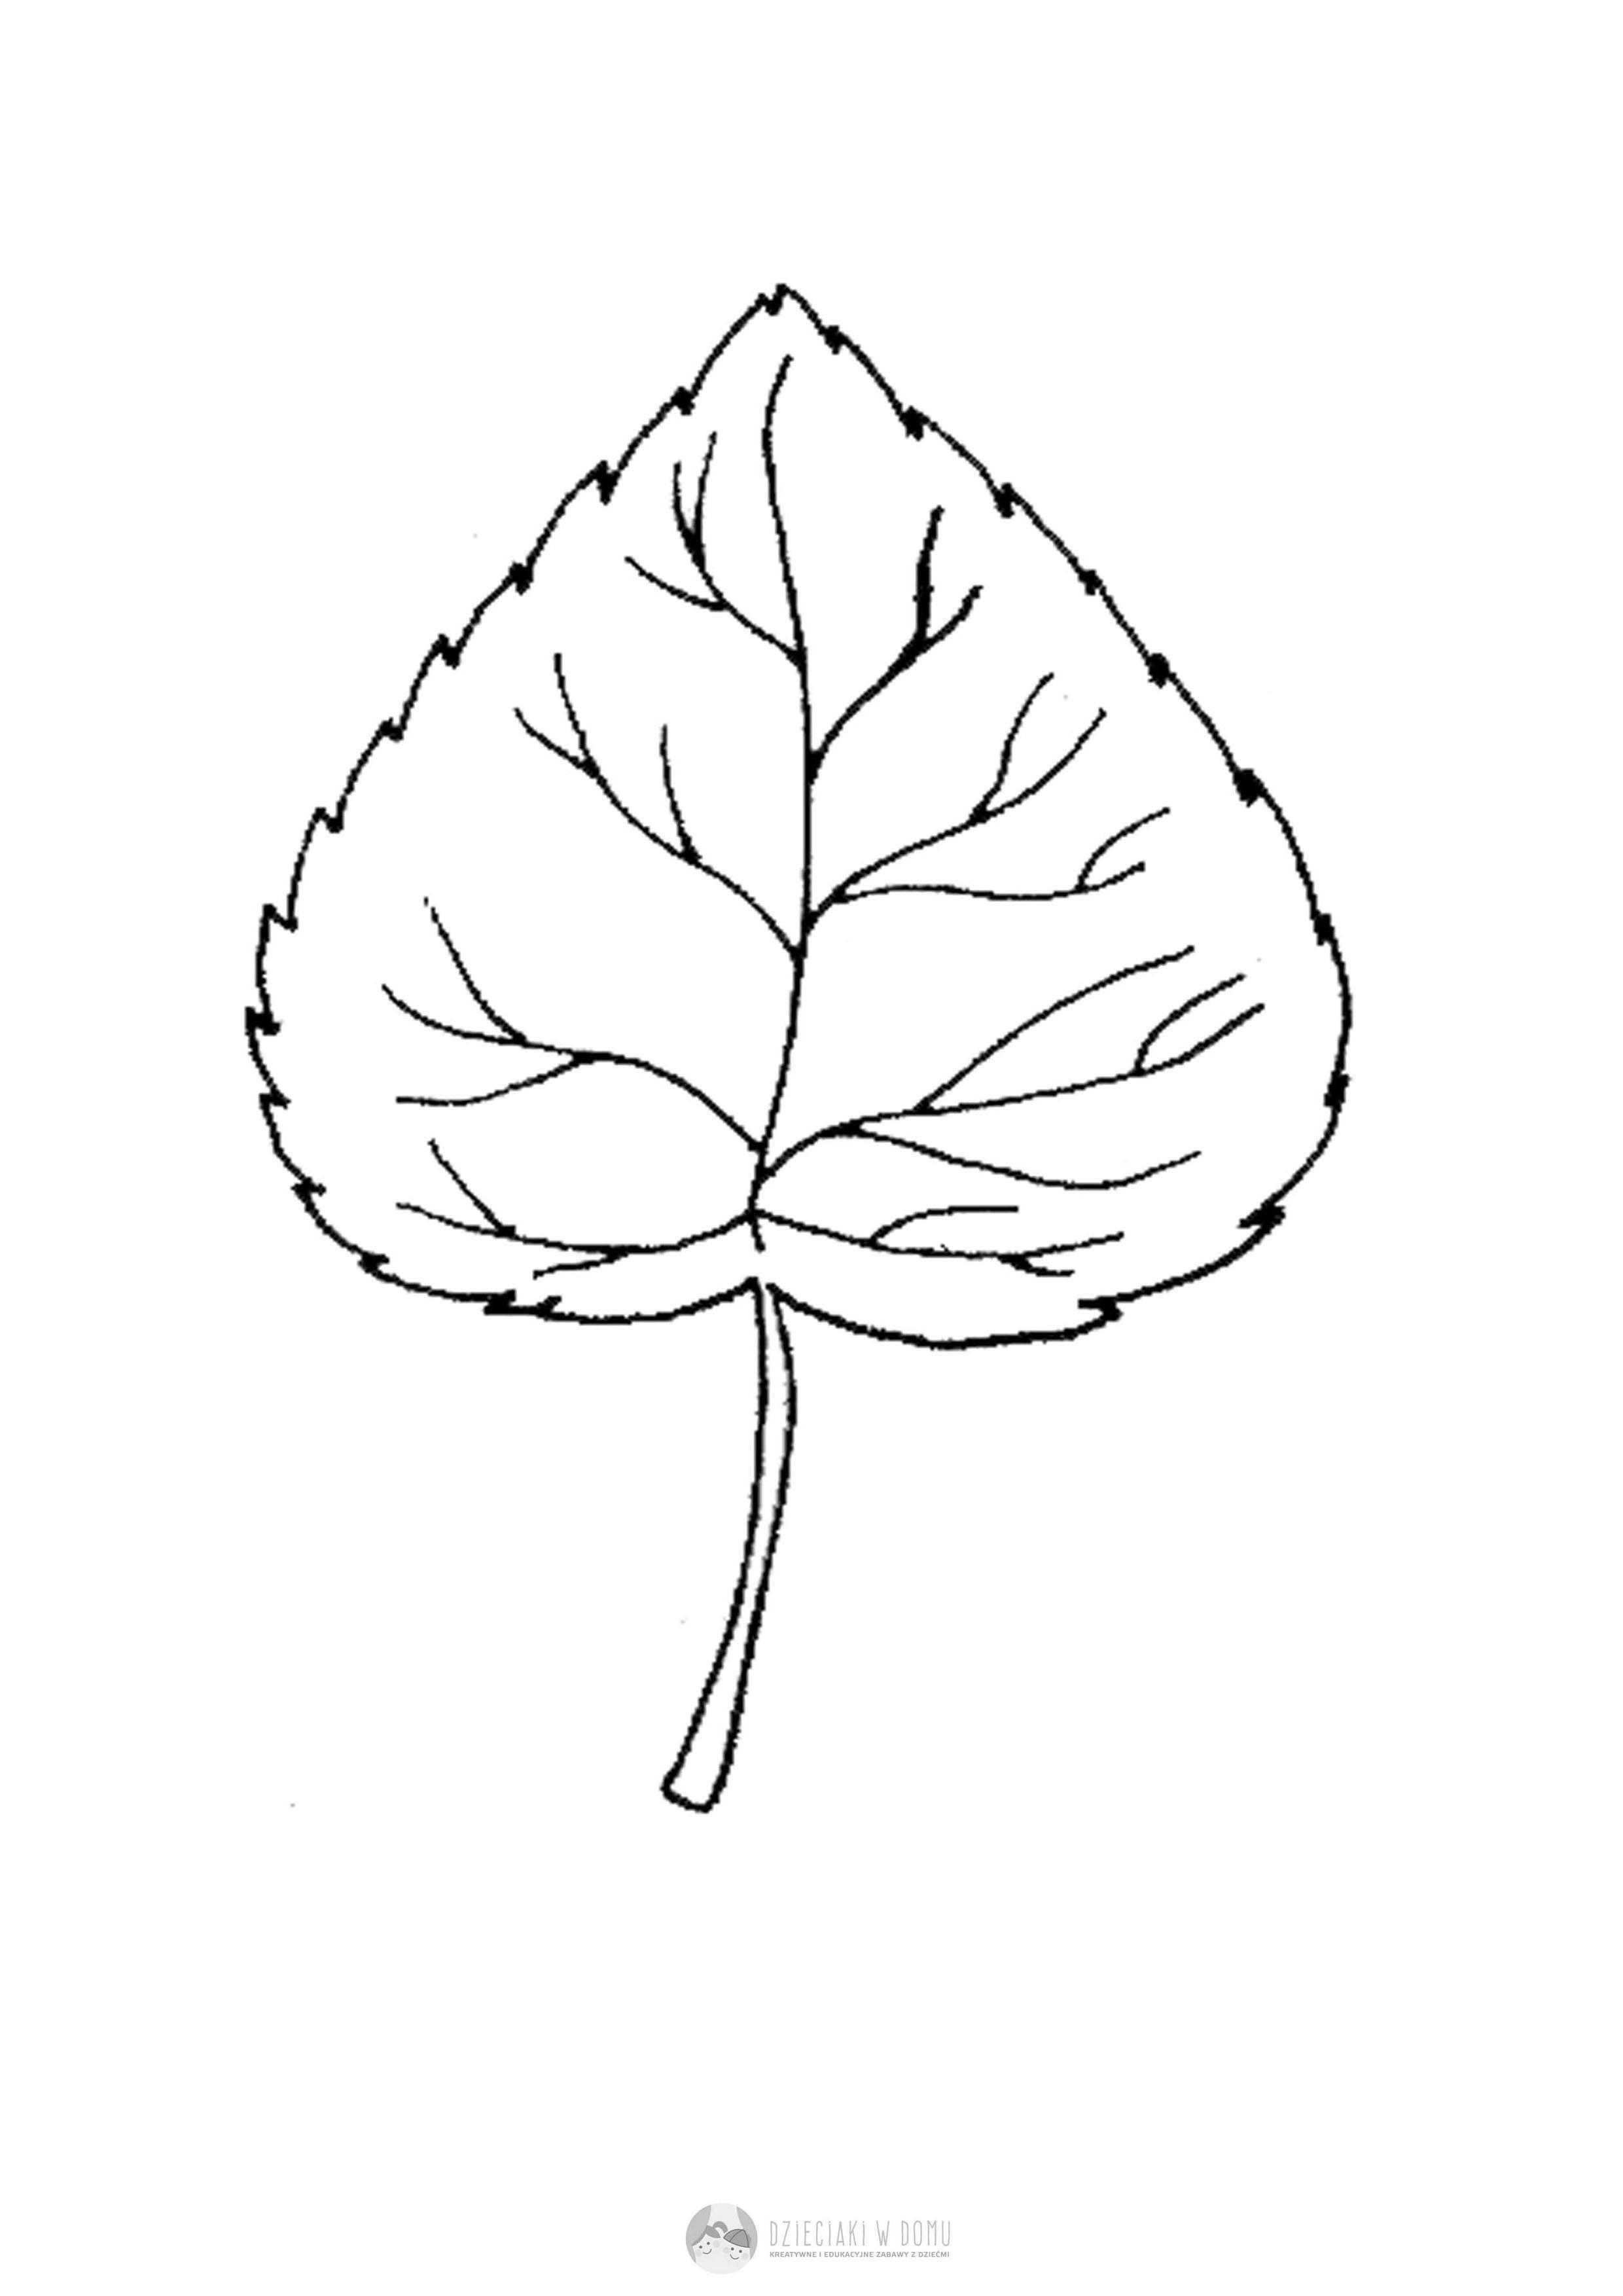 Liscie Drzew Szablony I Karty Pracy Dzieciaki W Domu Leaf Tattoos Maple Leaf Tattoo Plant Leaves